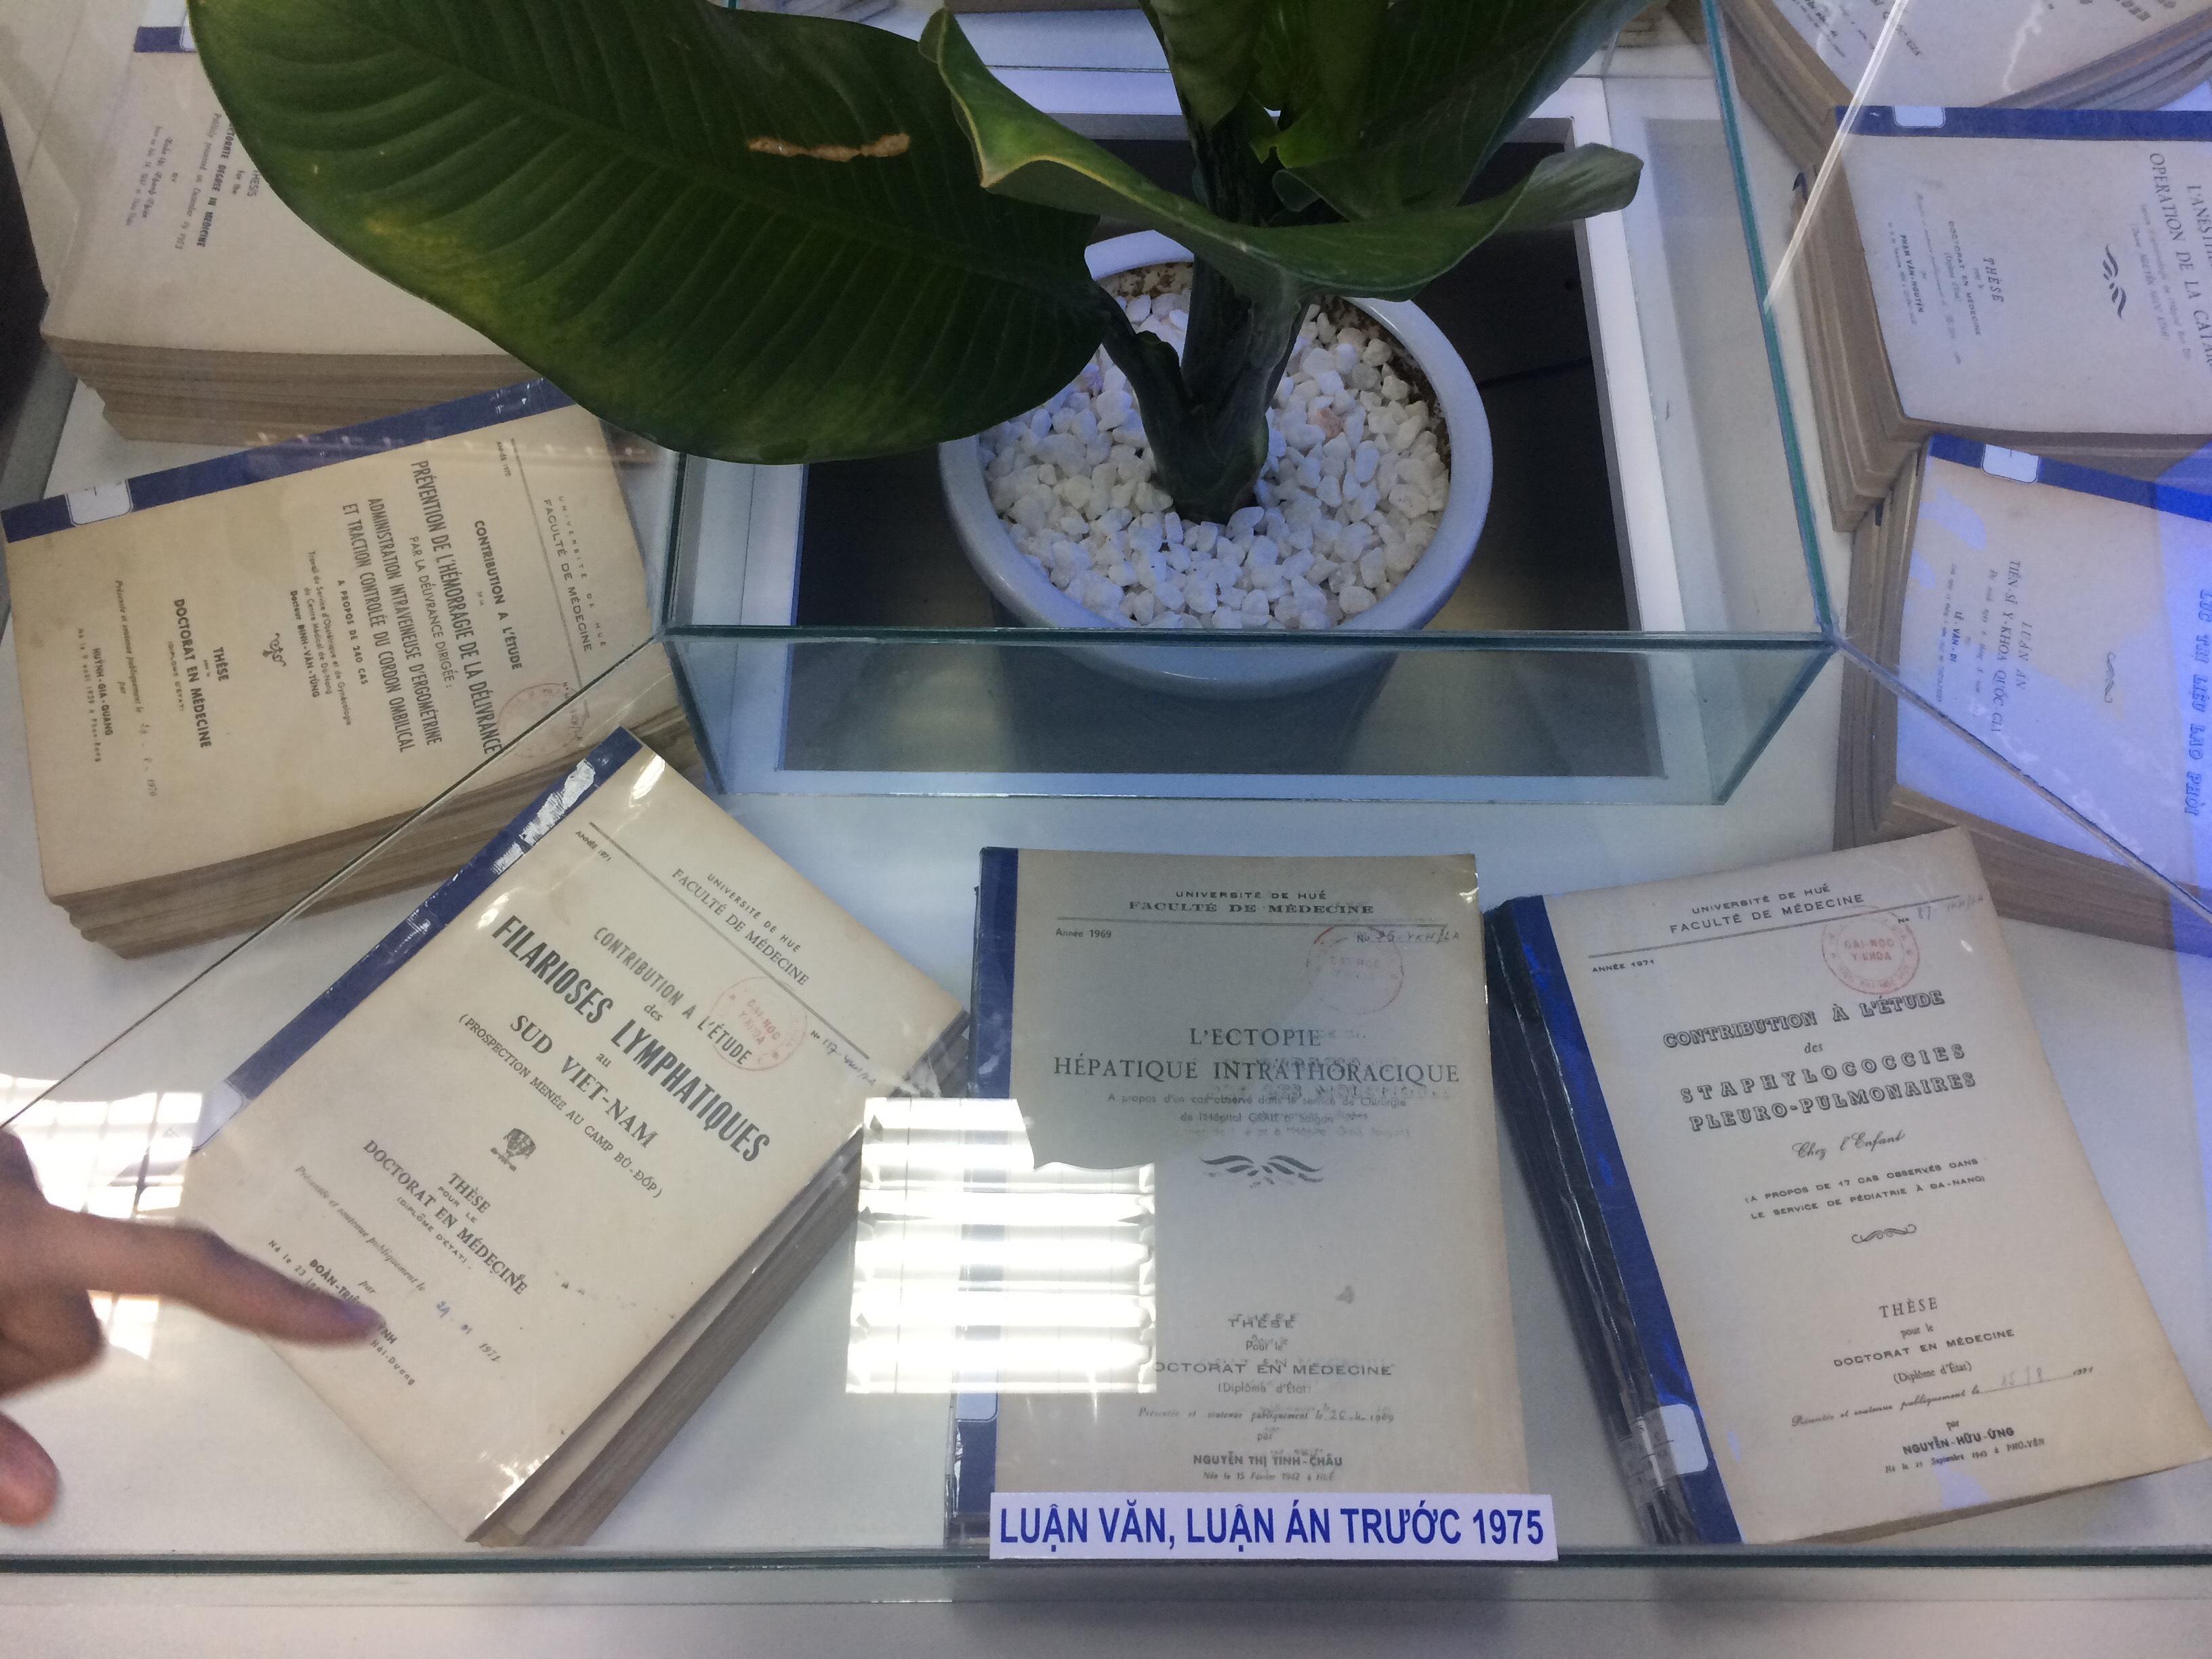 Triển lãm sách, luận văn, luận án và Tạp chí Y Dược học chào mừng kỷ niệm 60 năm thành lập Trường Đại học Y Dược Huế